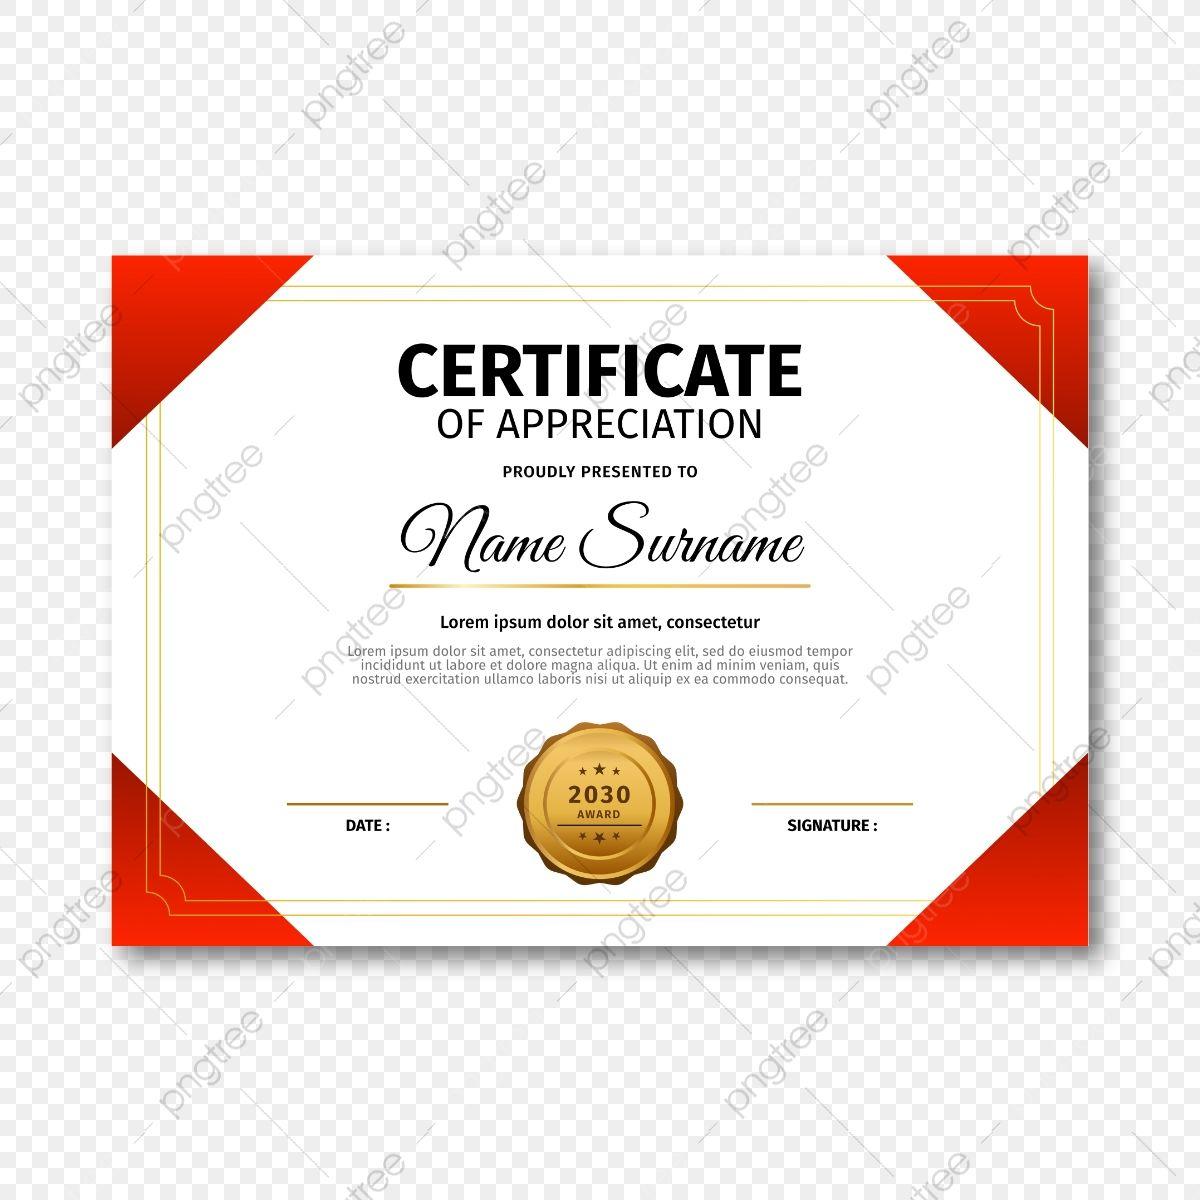 Pin By Marco Escalante On Espanol In 2021 Certificate Of Appreciation Certificate Red And Gold Certificado de agradecimiento y apreciacion